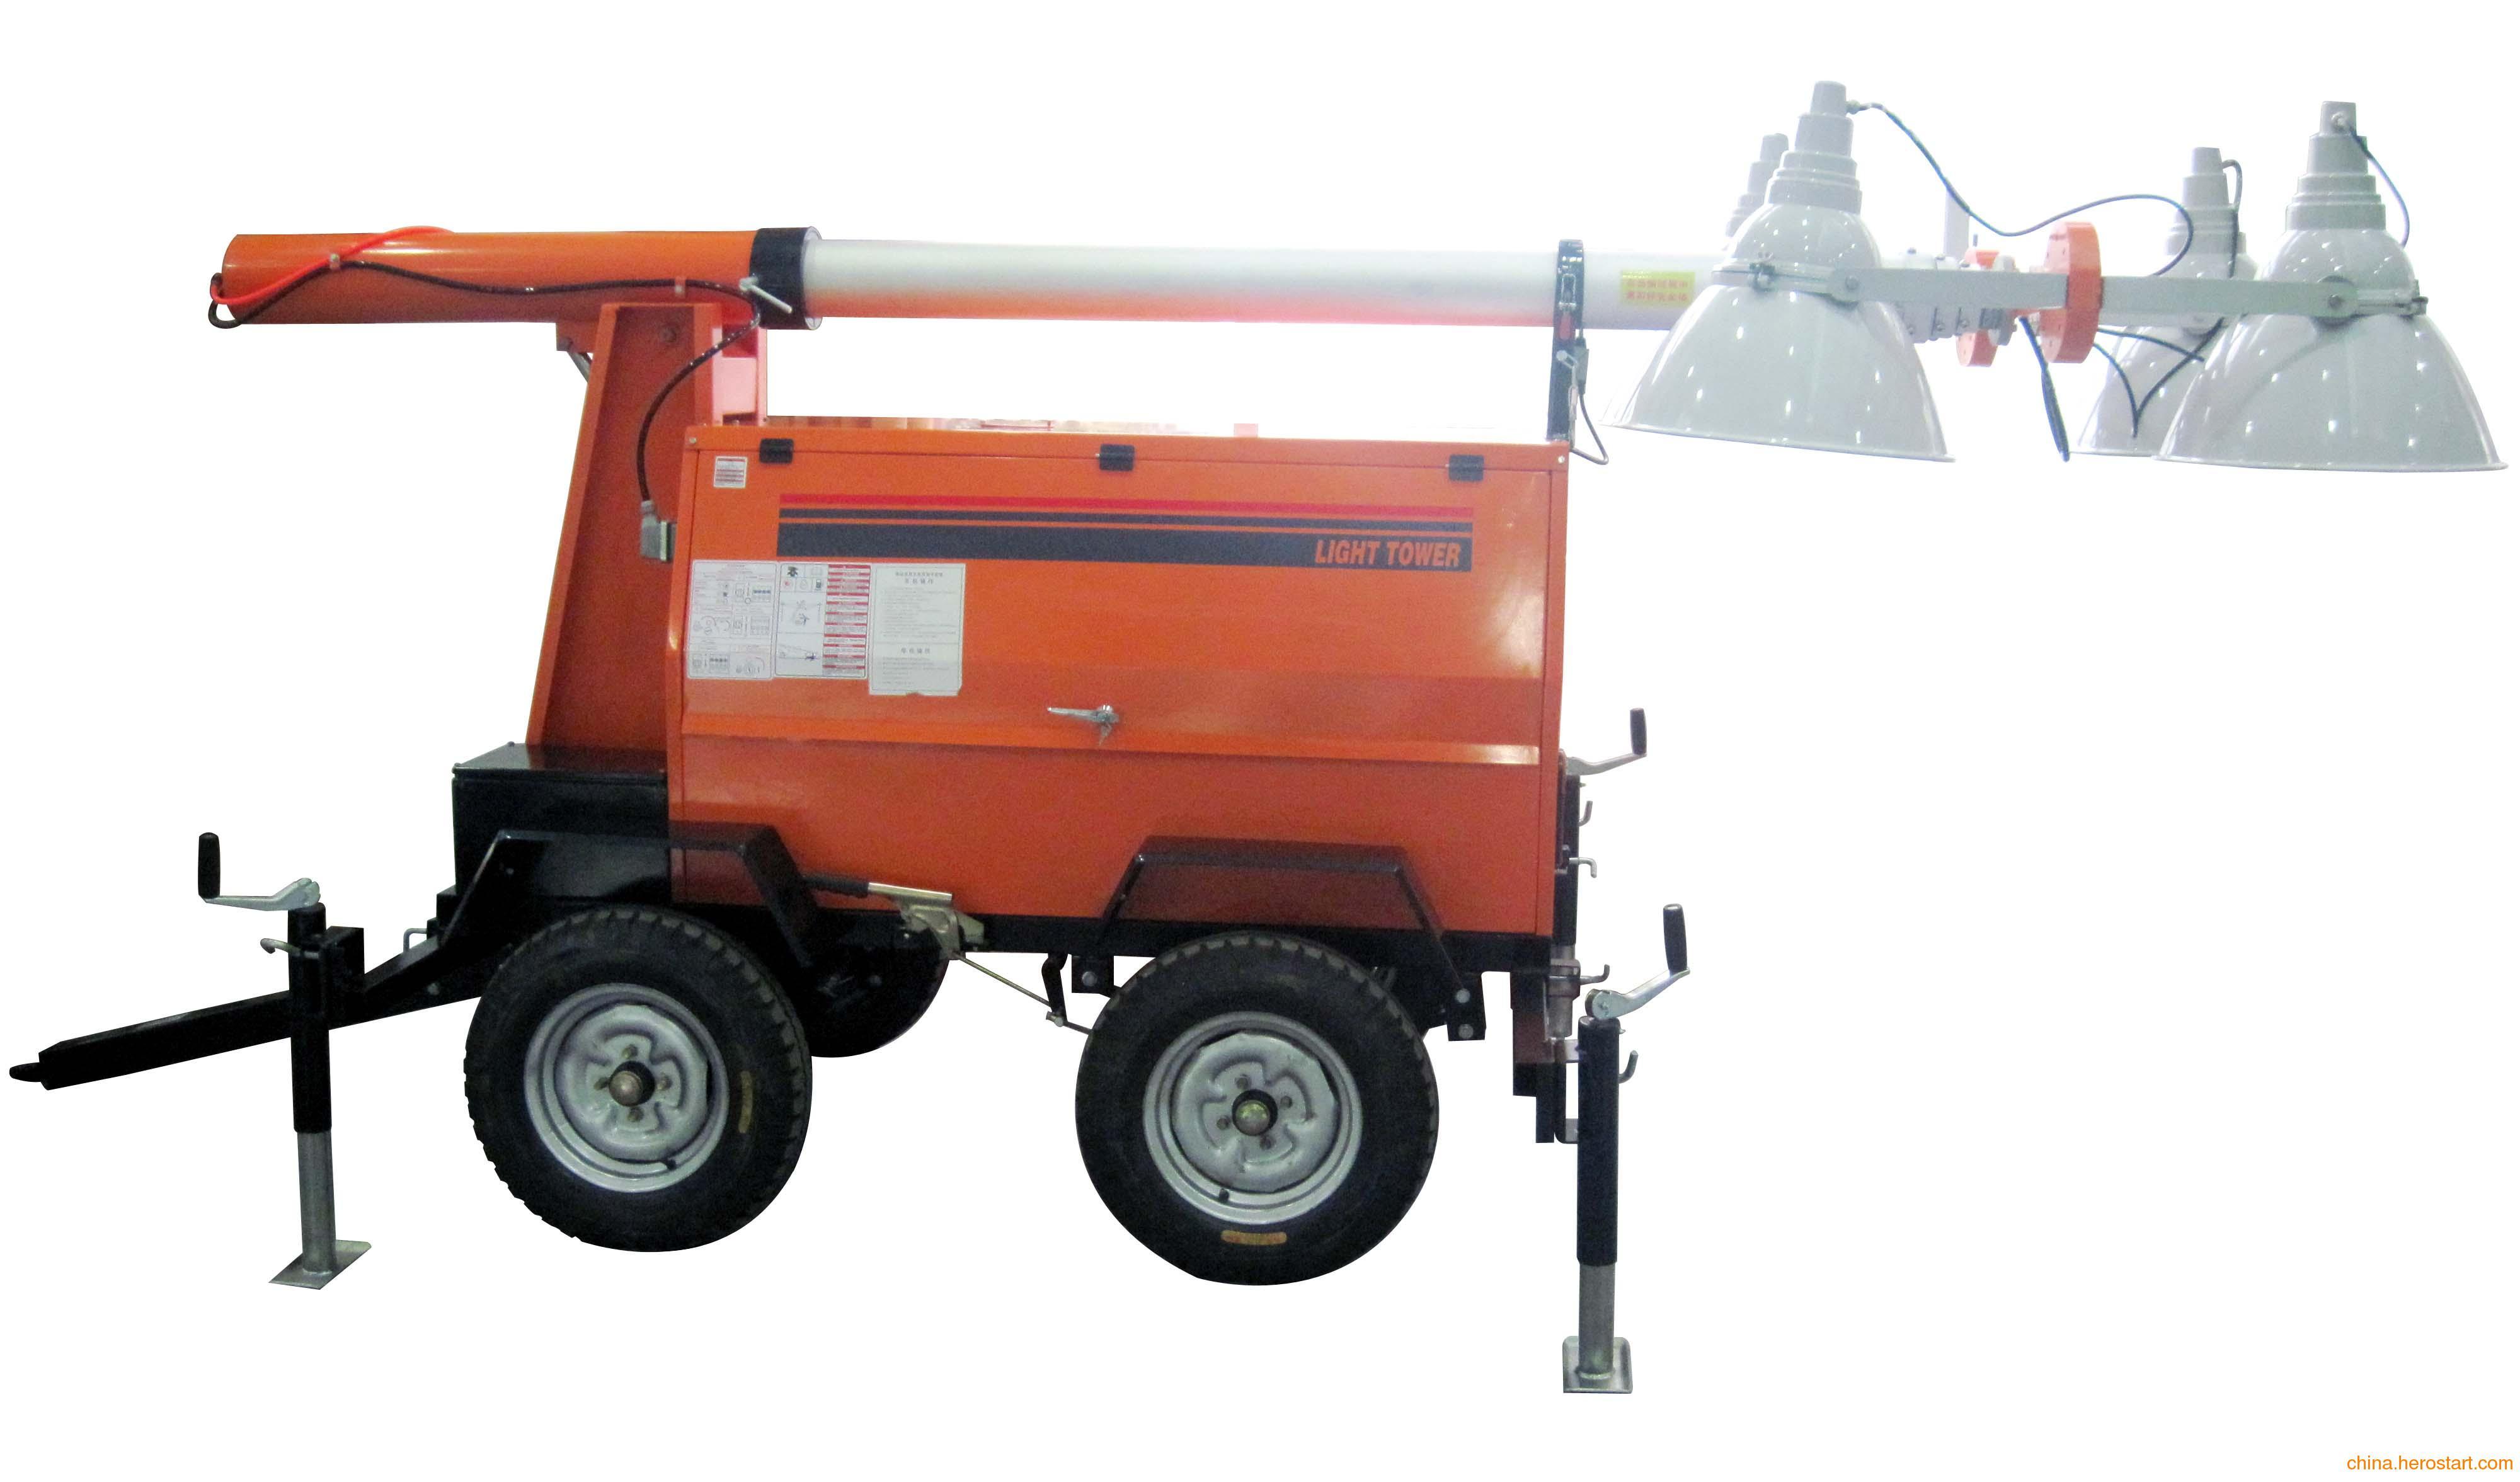 厂价批发供应海洋王SFW6130全方位移动照明灯塔